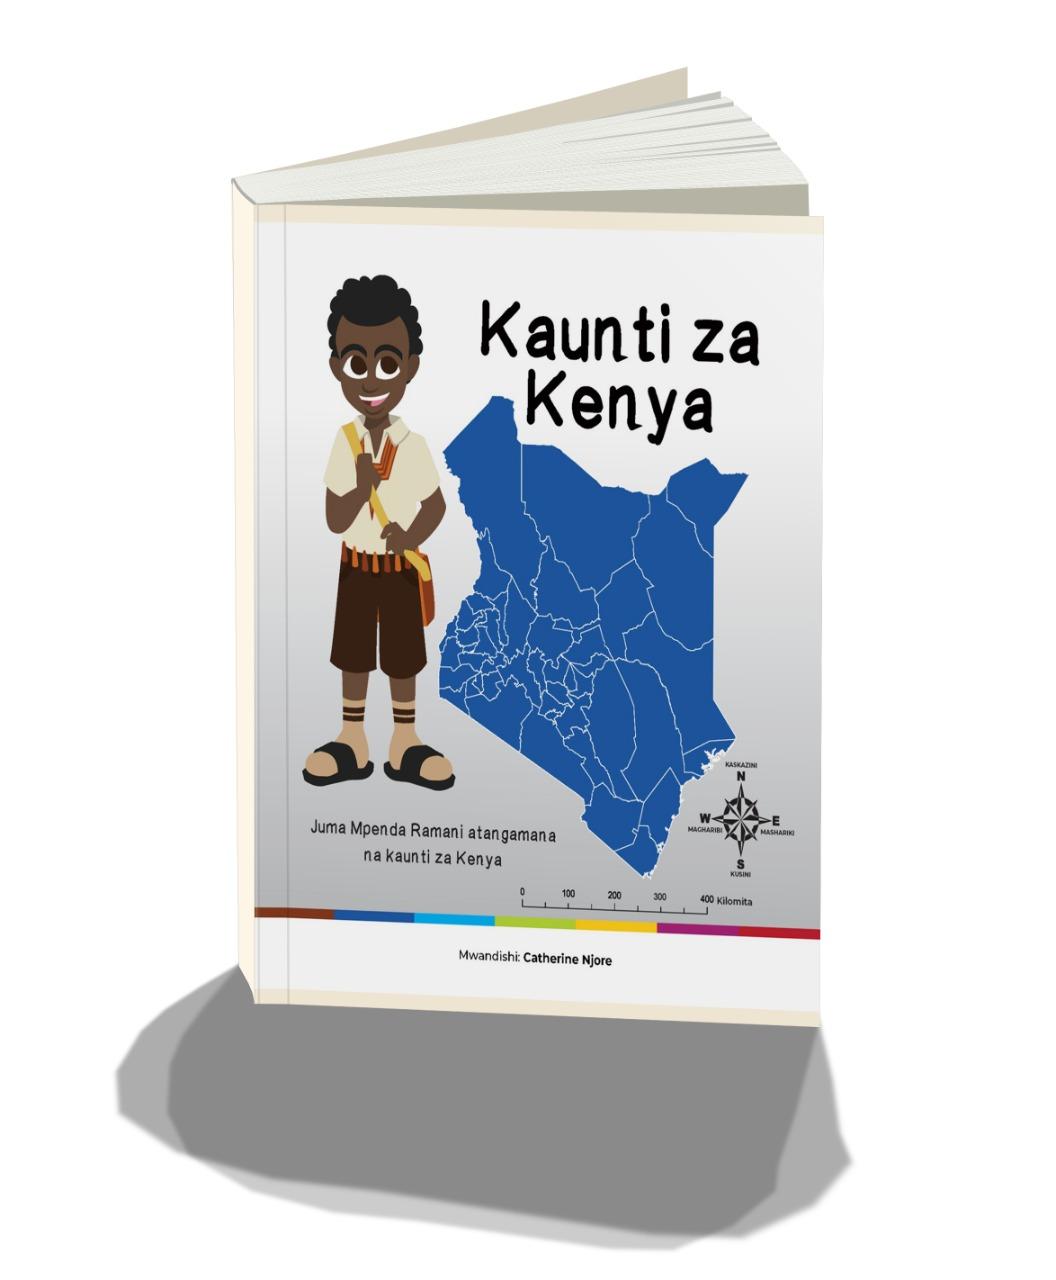 Kaunti za Kenya